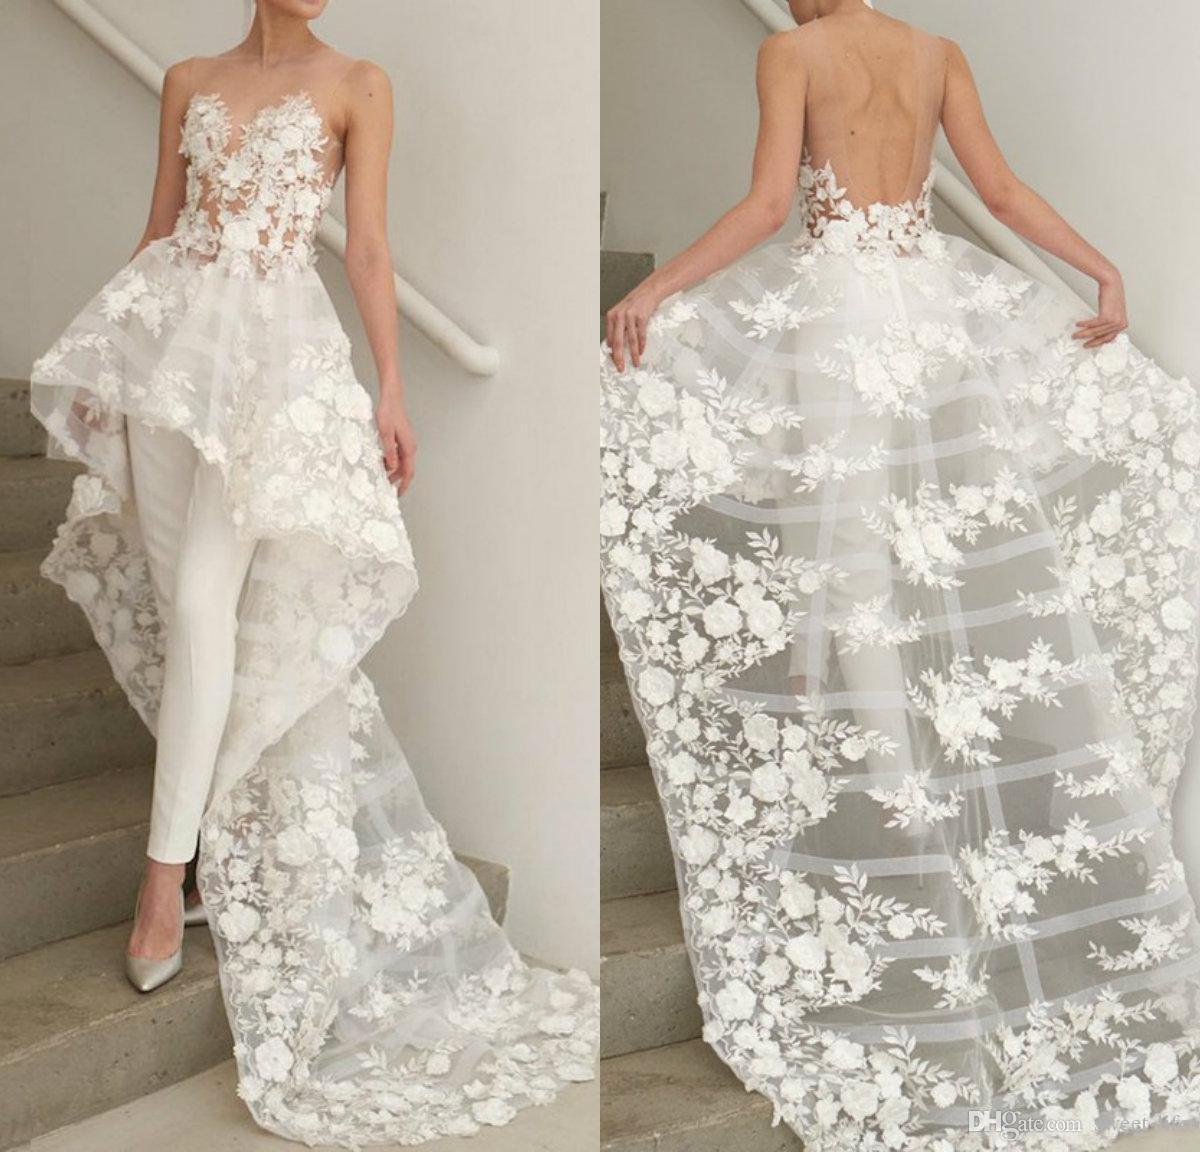 Chic Bohemian линия свадебные платья Sheer Jewel шеи кружева аппликация без спинки свадебное платье boho платье невесты без штанов